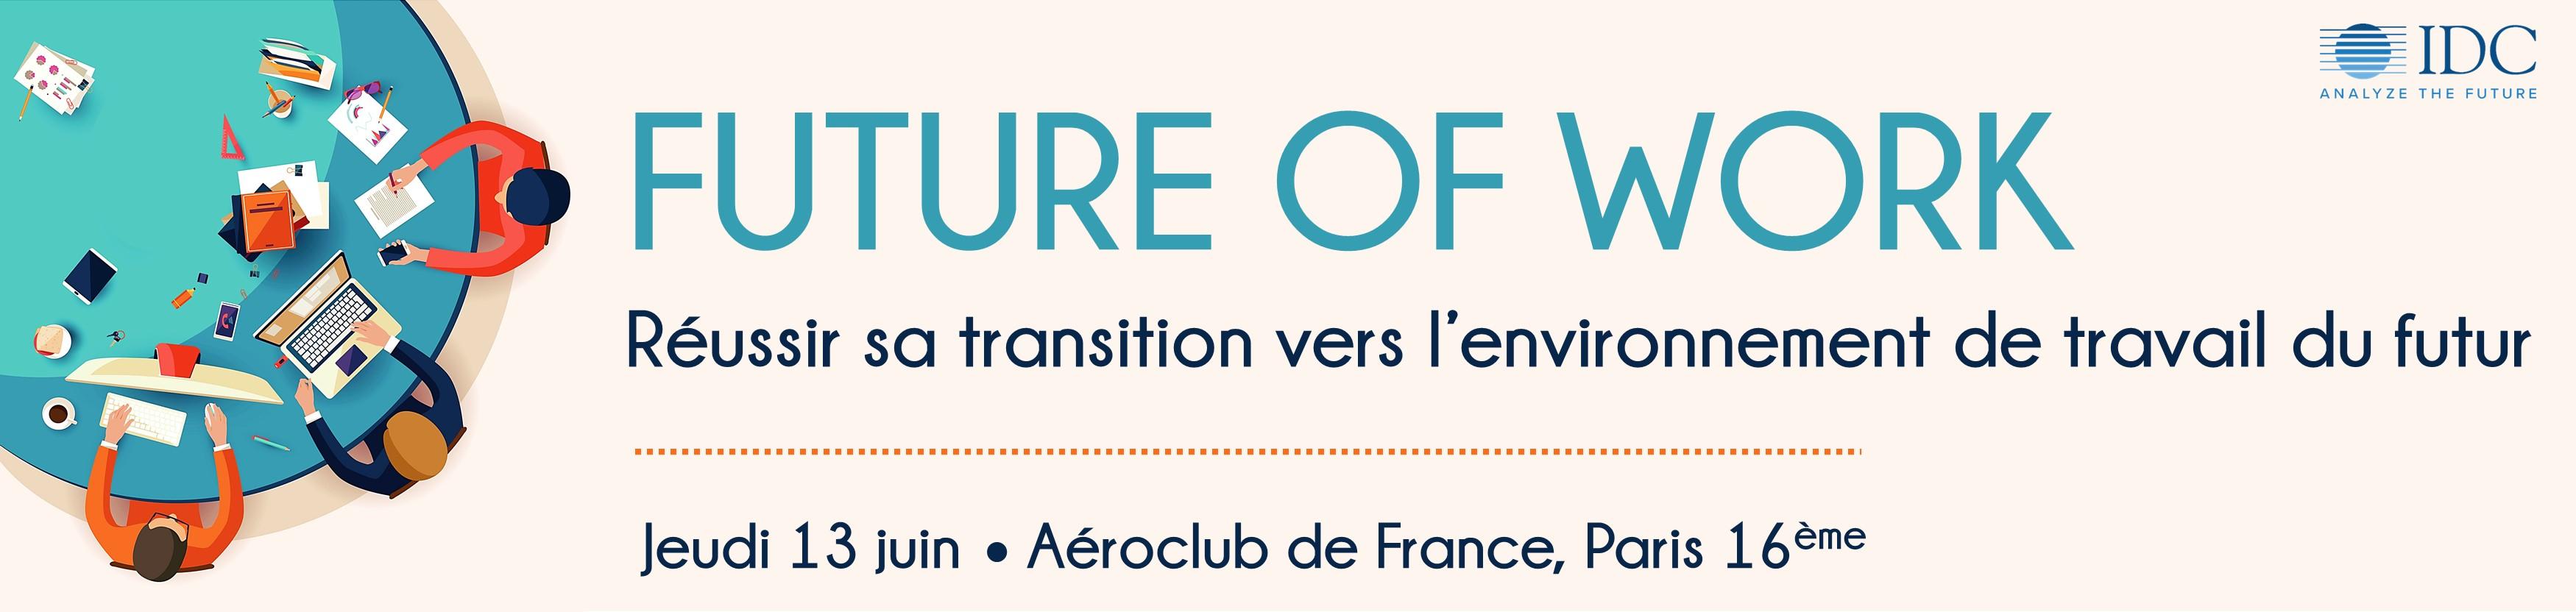 Conférence IDC : Future of Work - 13 Juin 2019